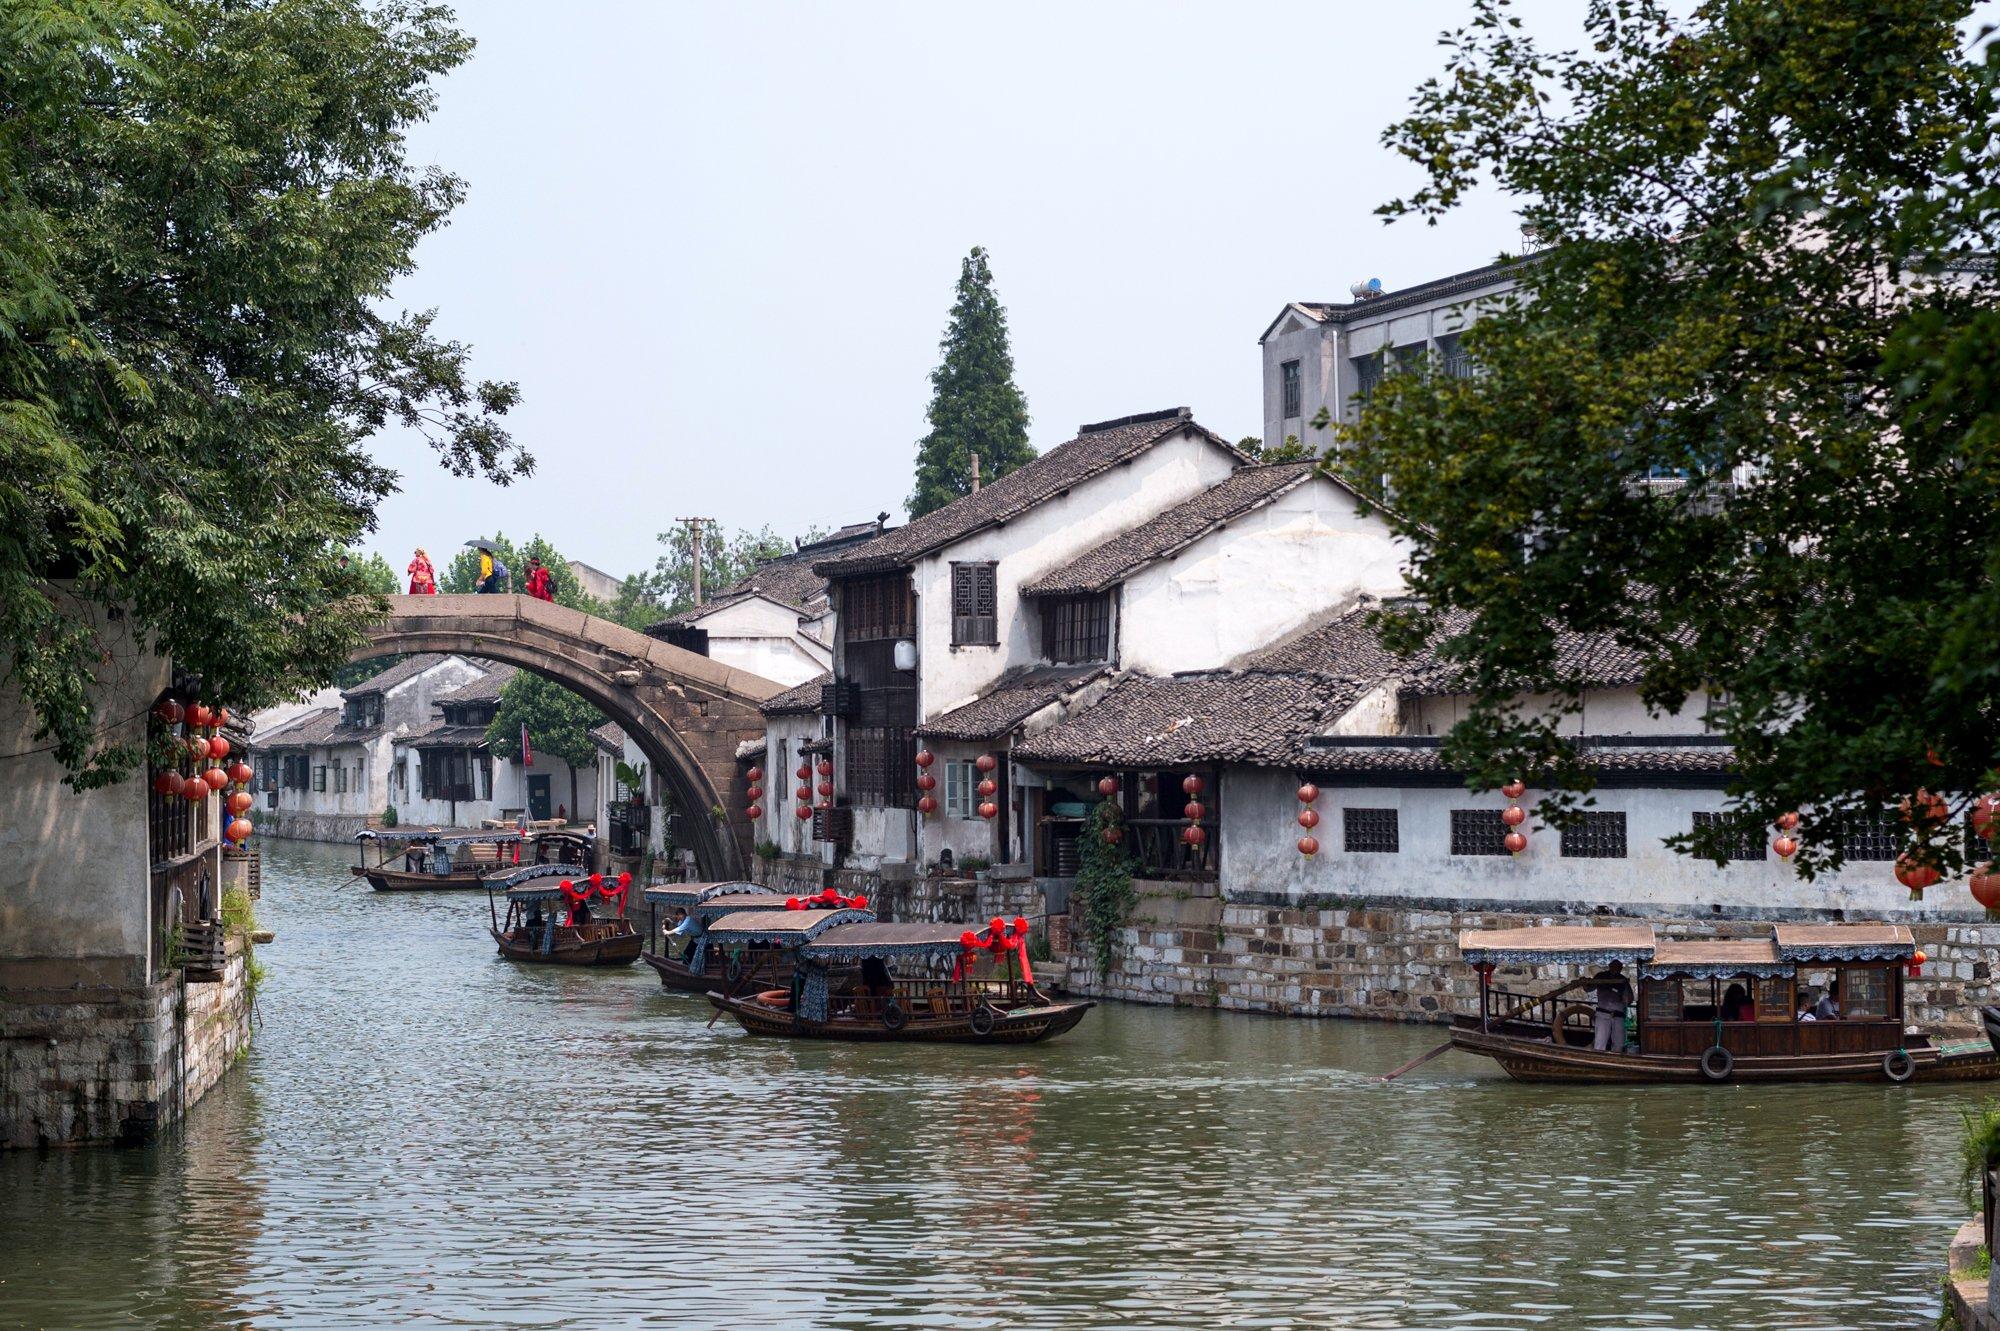 我国唯一中西合璧江南古镇,豪门宅第众多,被誉为中国江南的封面_房屋